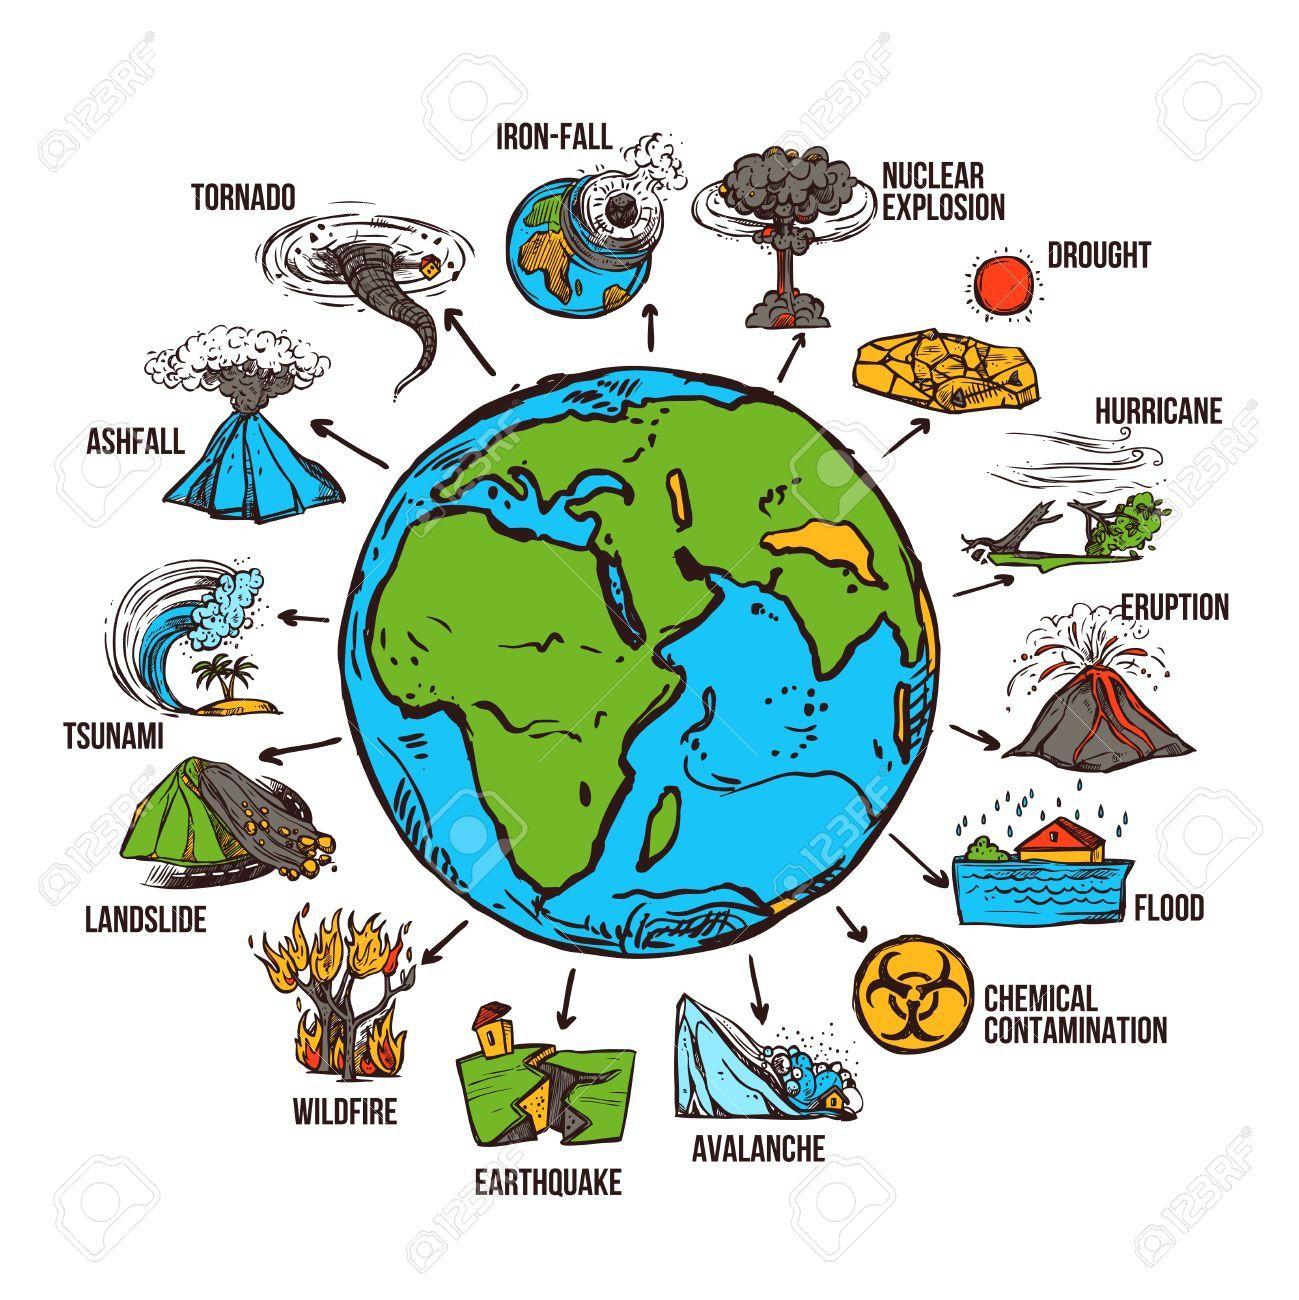 Resultado De Imagen De Catastrofes Naturales En Ingles Desastres Naturales Para Ninos Desastres Naturales Dibujos Historia De La Educacion